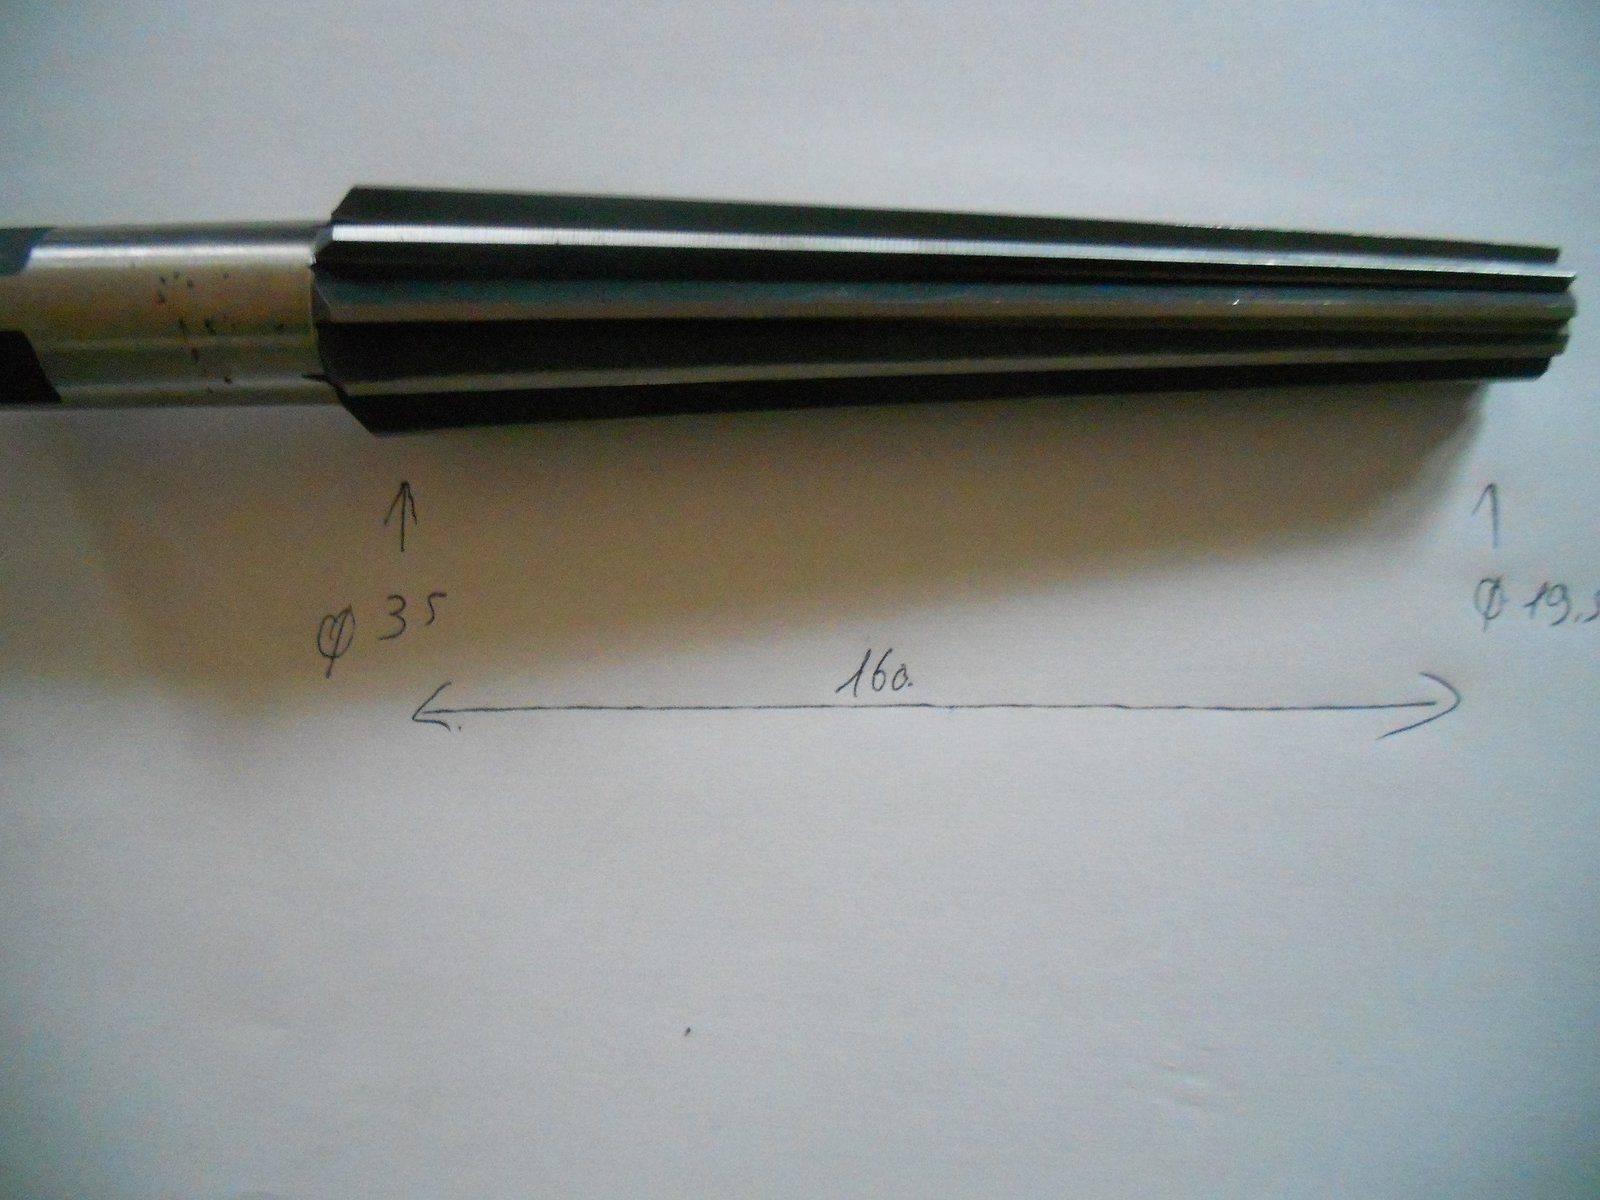 DSCN4836.JPG